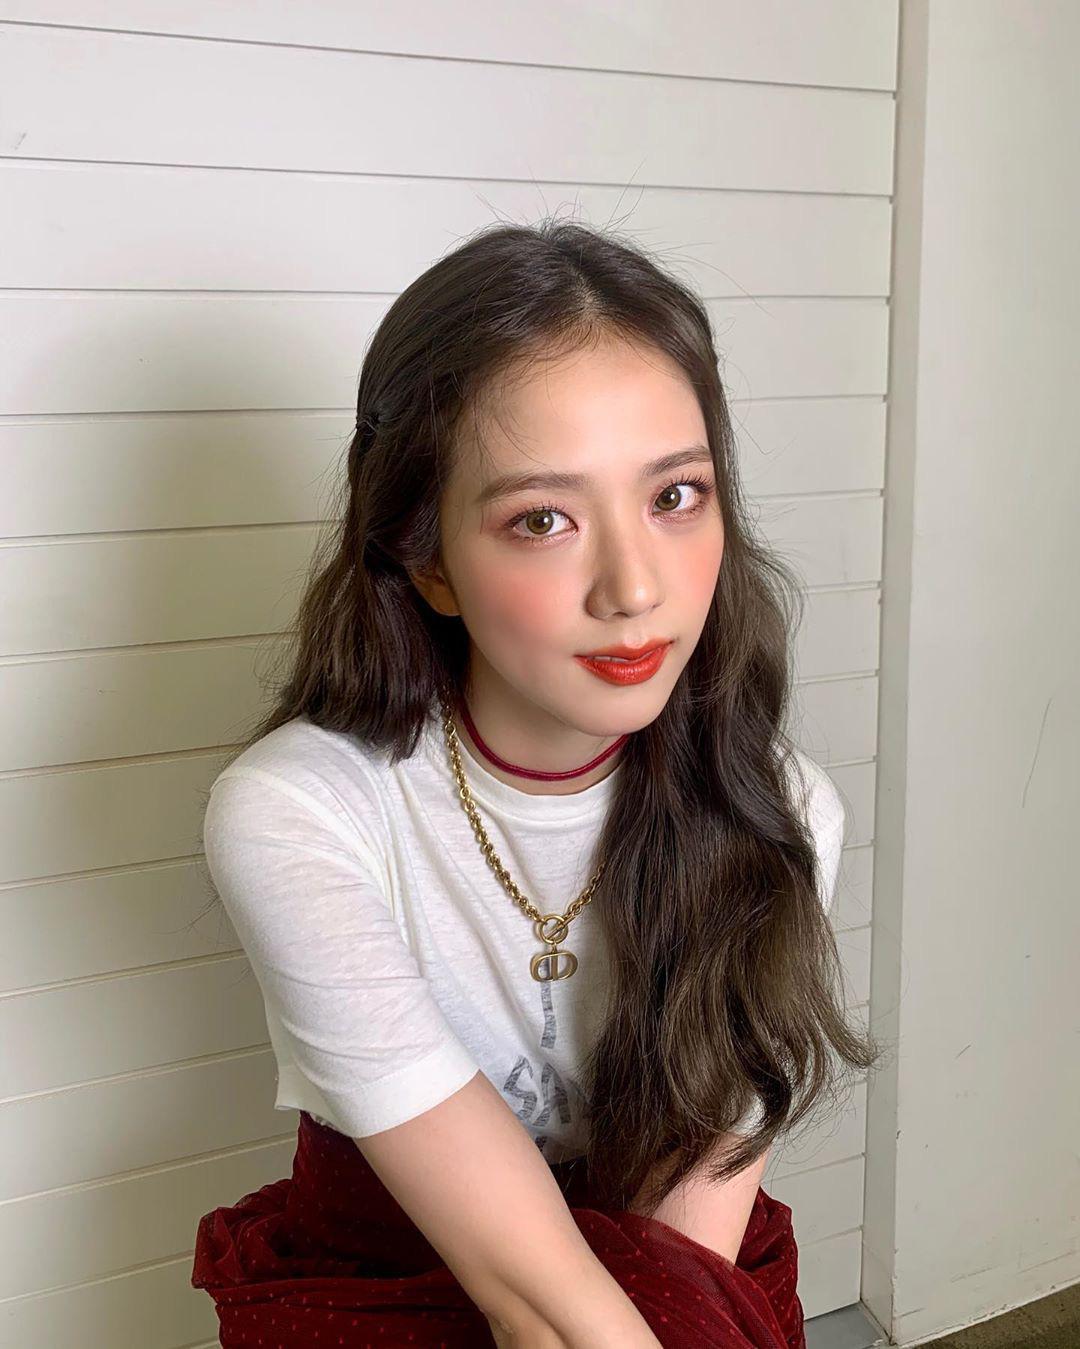 Trong ảnh hậu trường buổi chụp hình tạp chí được đăng lên Instagram hồi tháng 8, Ji Soo để lộ khuyết điểm nhiều đường ngấn ở bọng mắt, ánh nhìn mệt mỏi.